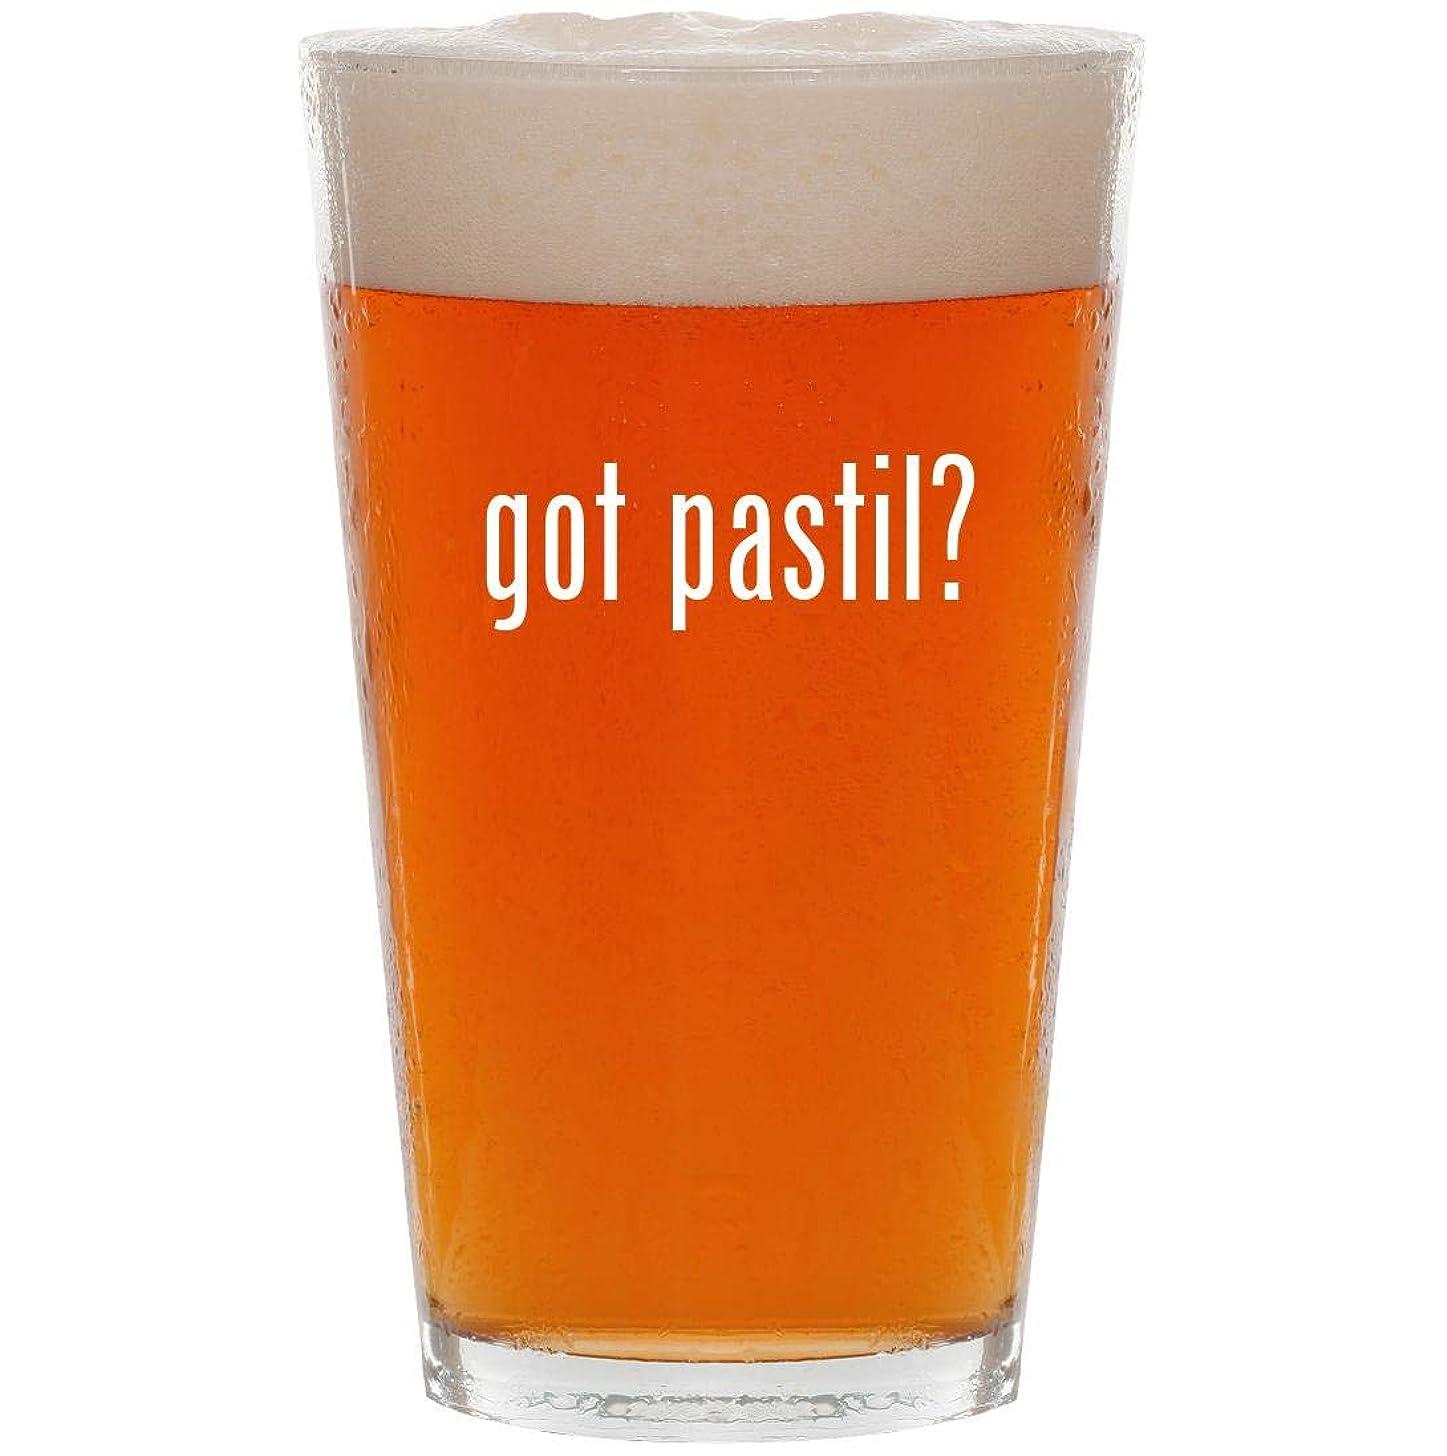 got pastil? - 16oz All Purpose Pint Beer Glass